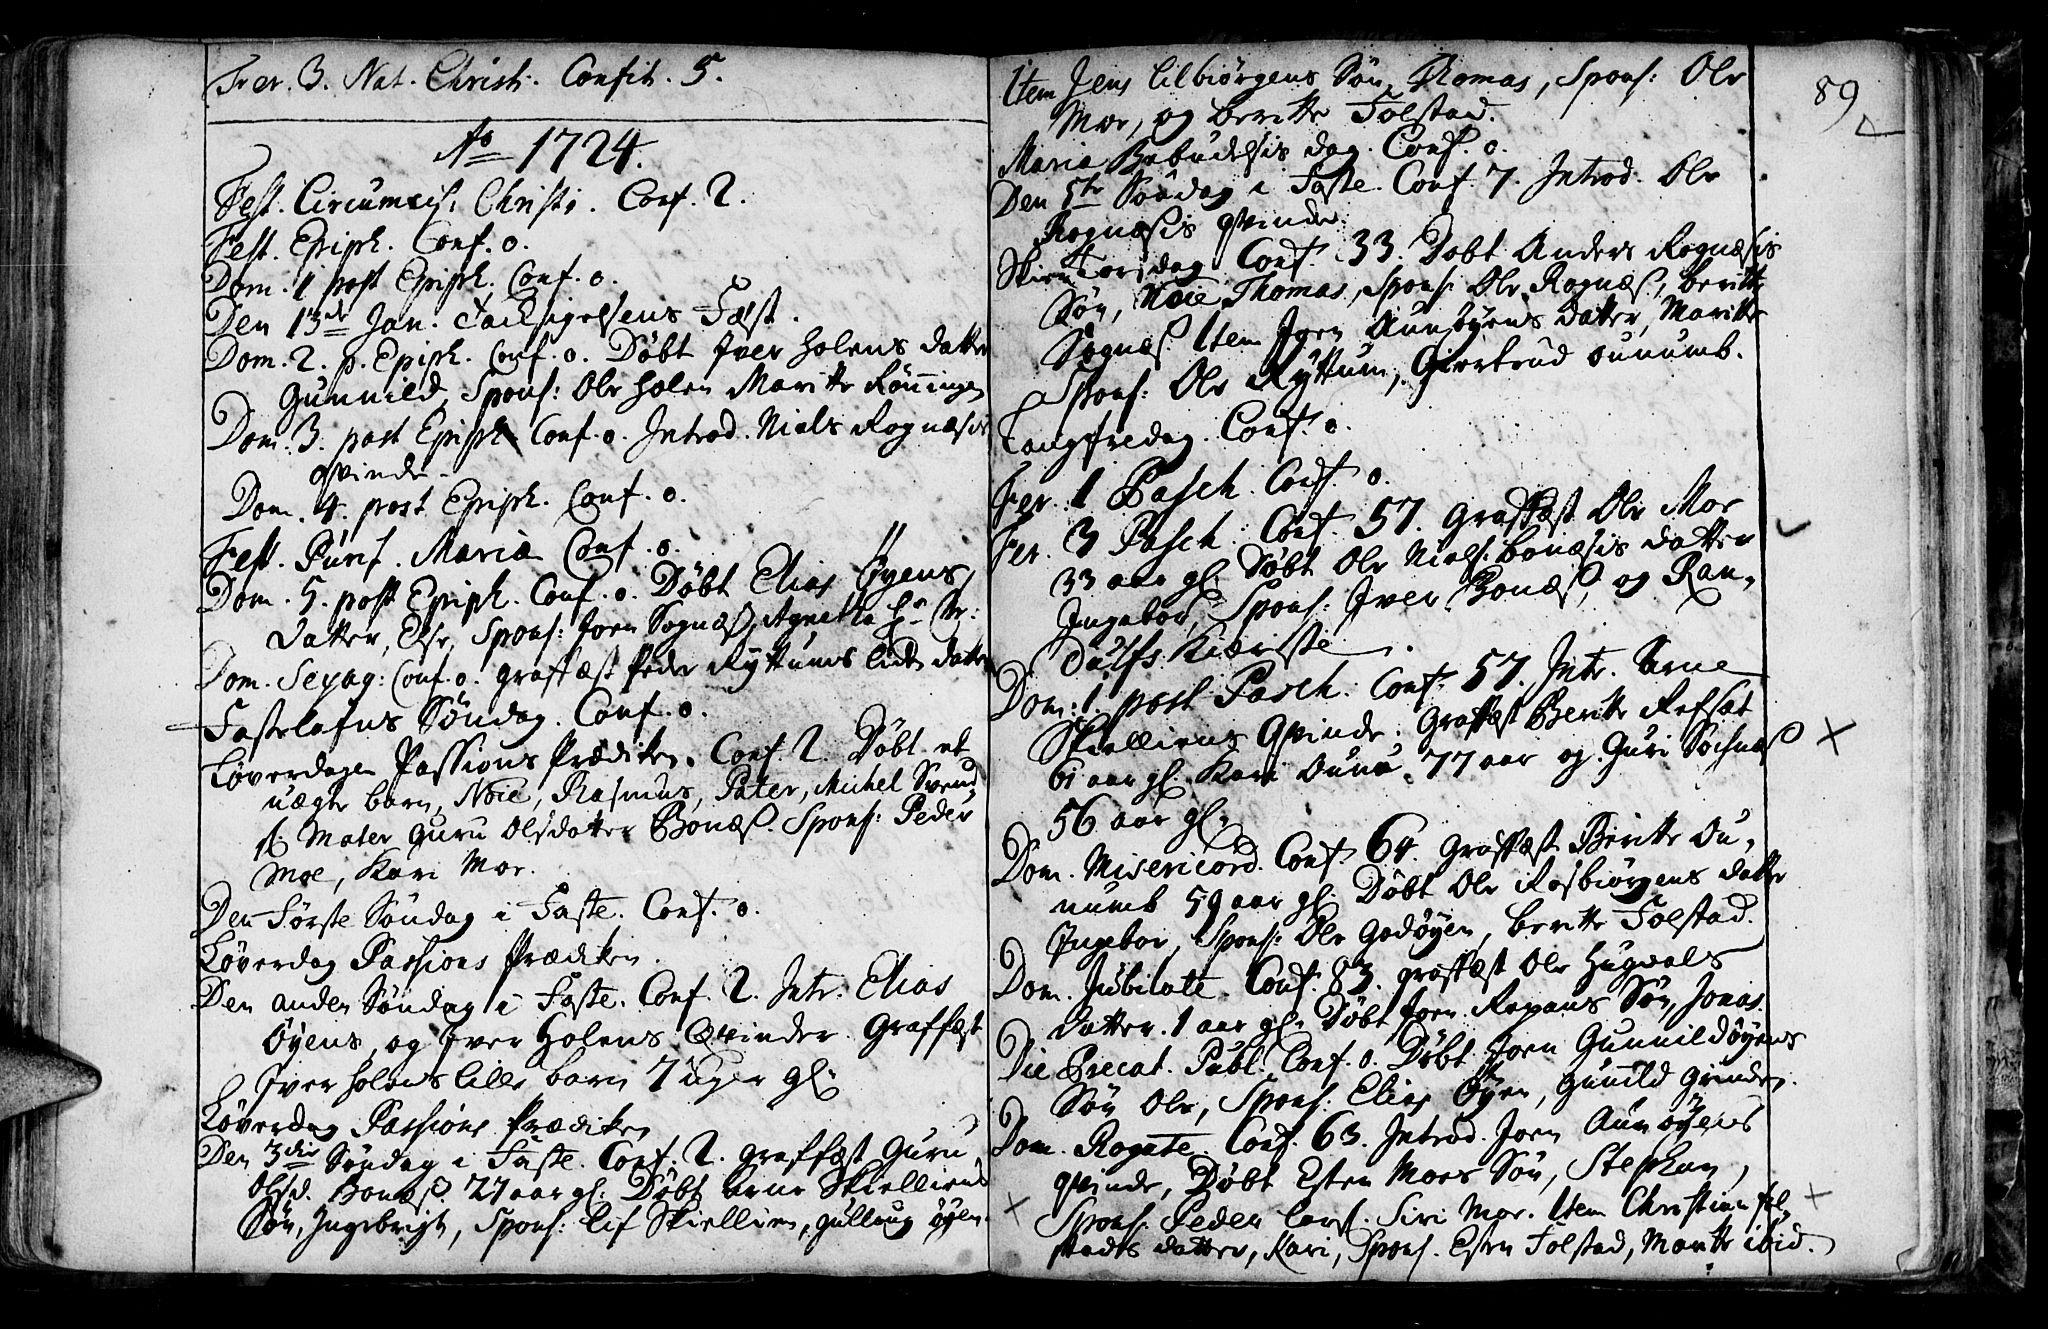 SAT, Ministerialprotokoller, klokkerbøker og fødselsregistre - Sør-Trøndelag, 687/L0990: Ministerialbok nr. 687A01, 1690-1746, s. 89